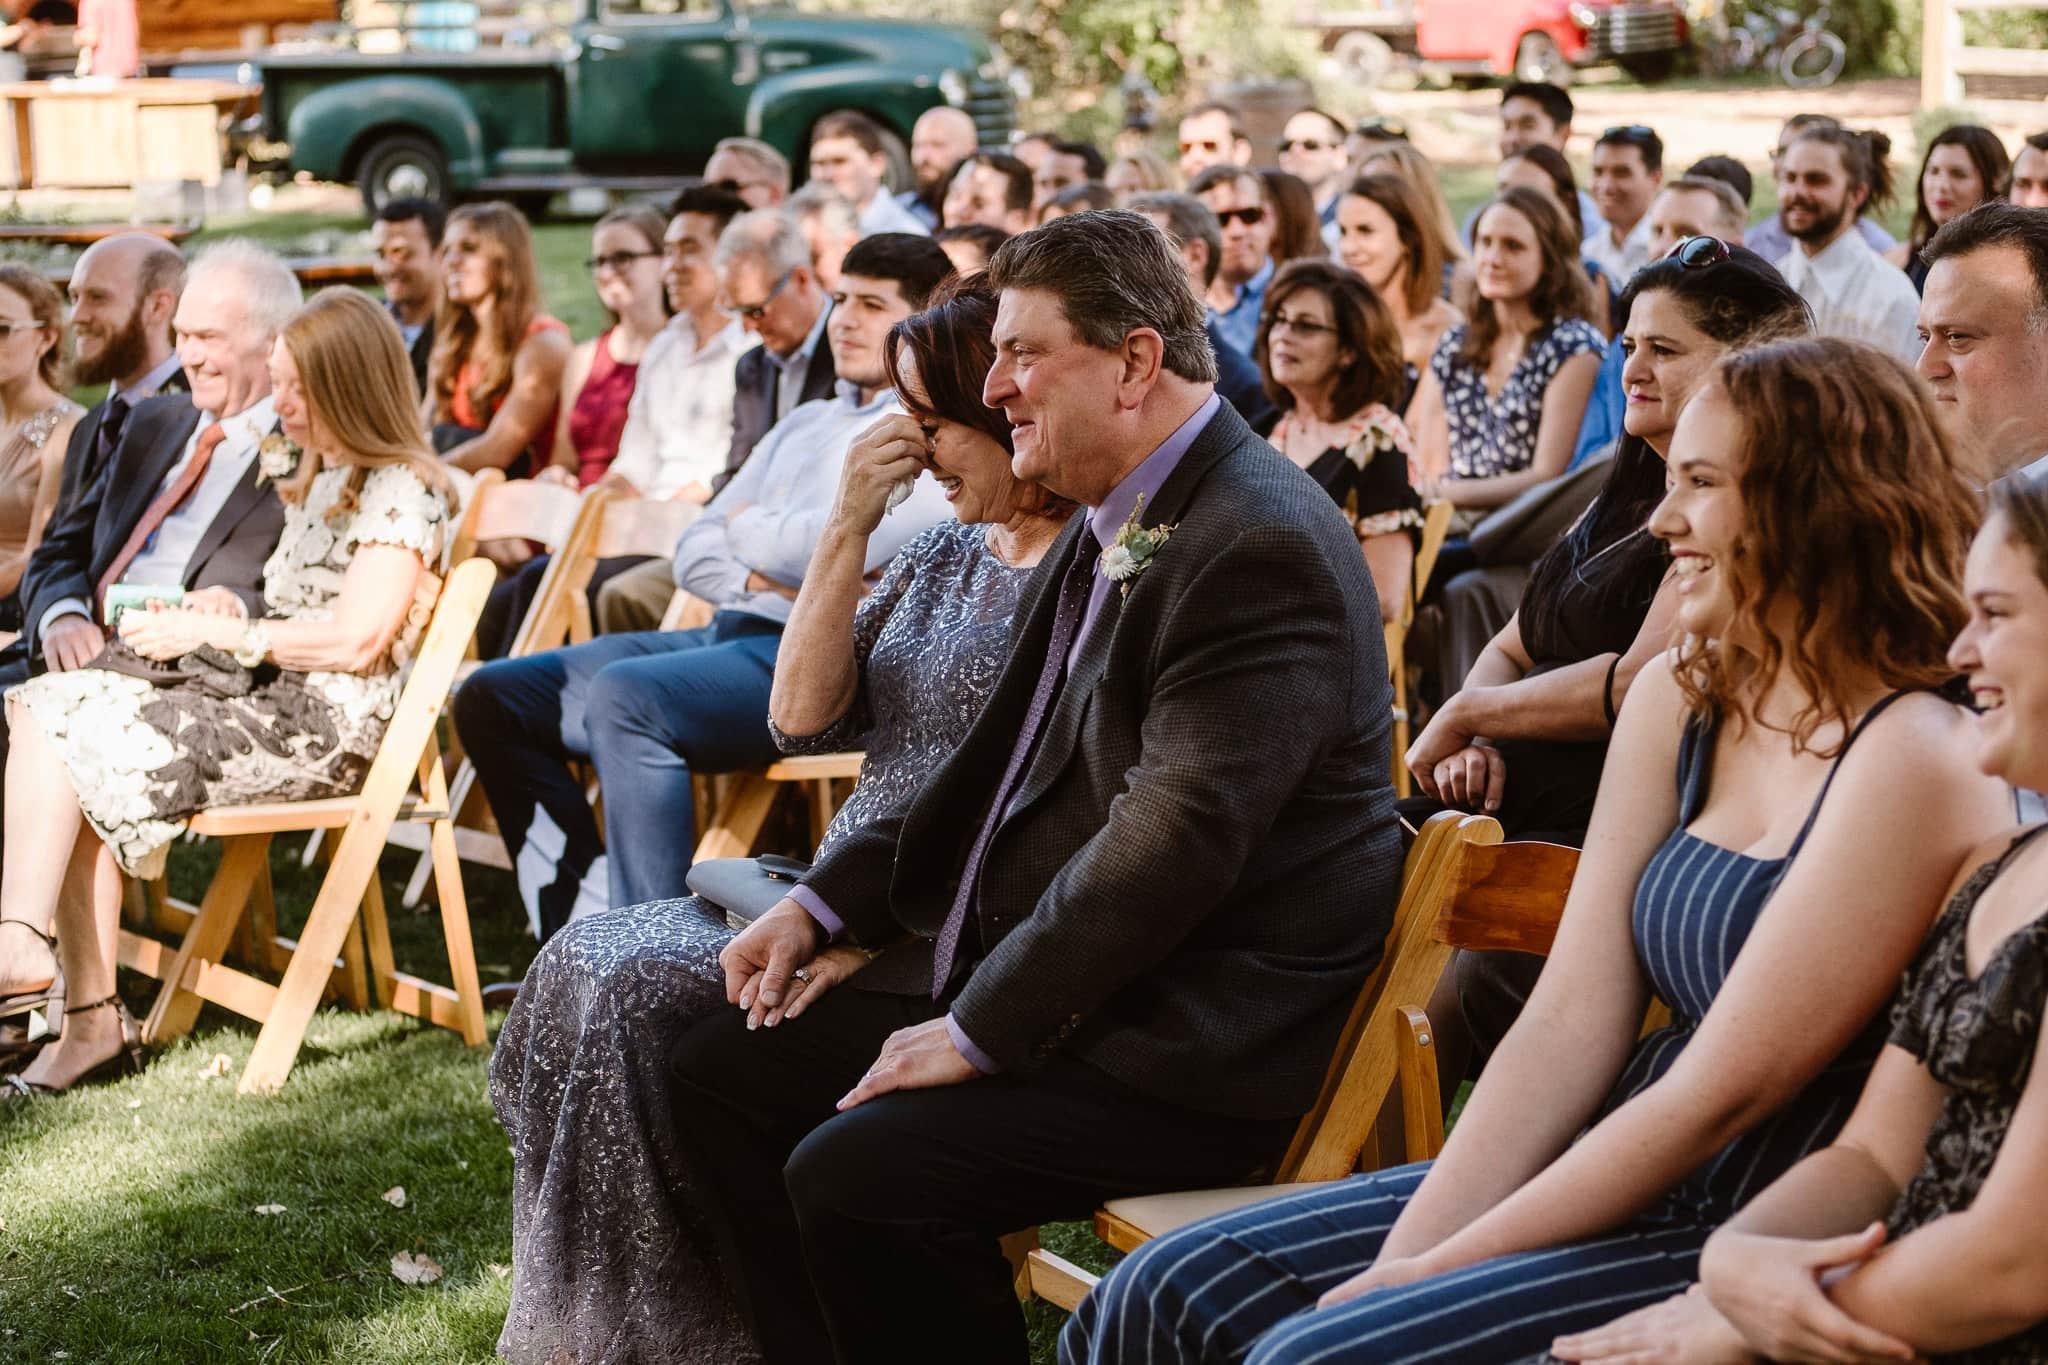 Lyons Farmette wedding photographer, Colorado intimate wedding photographer, wedding ceremony, wedding photos, bride's mother crying